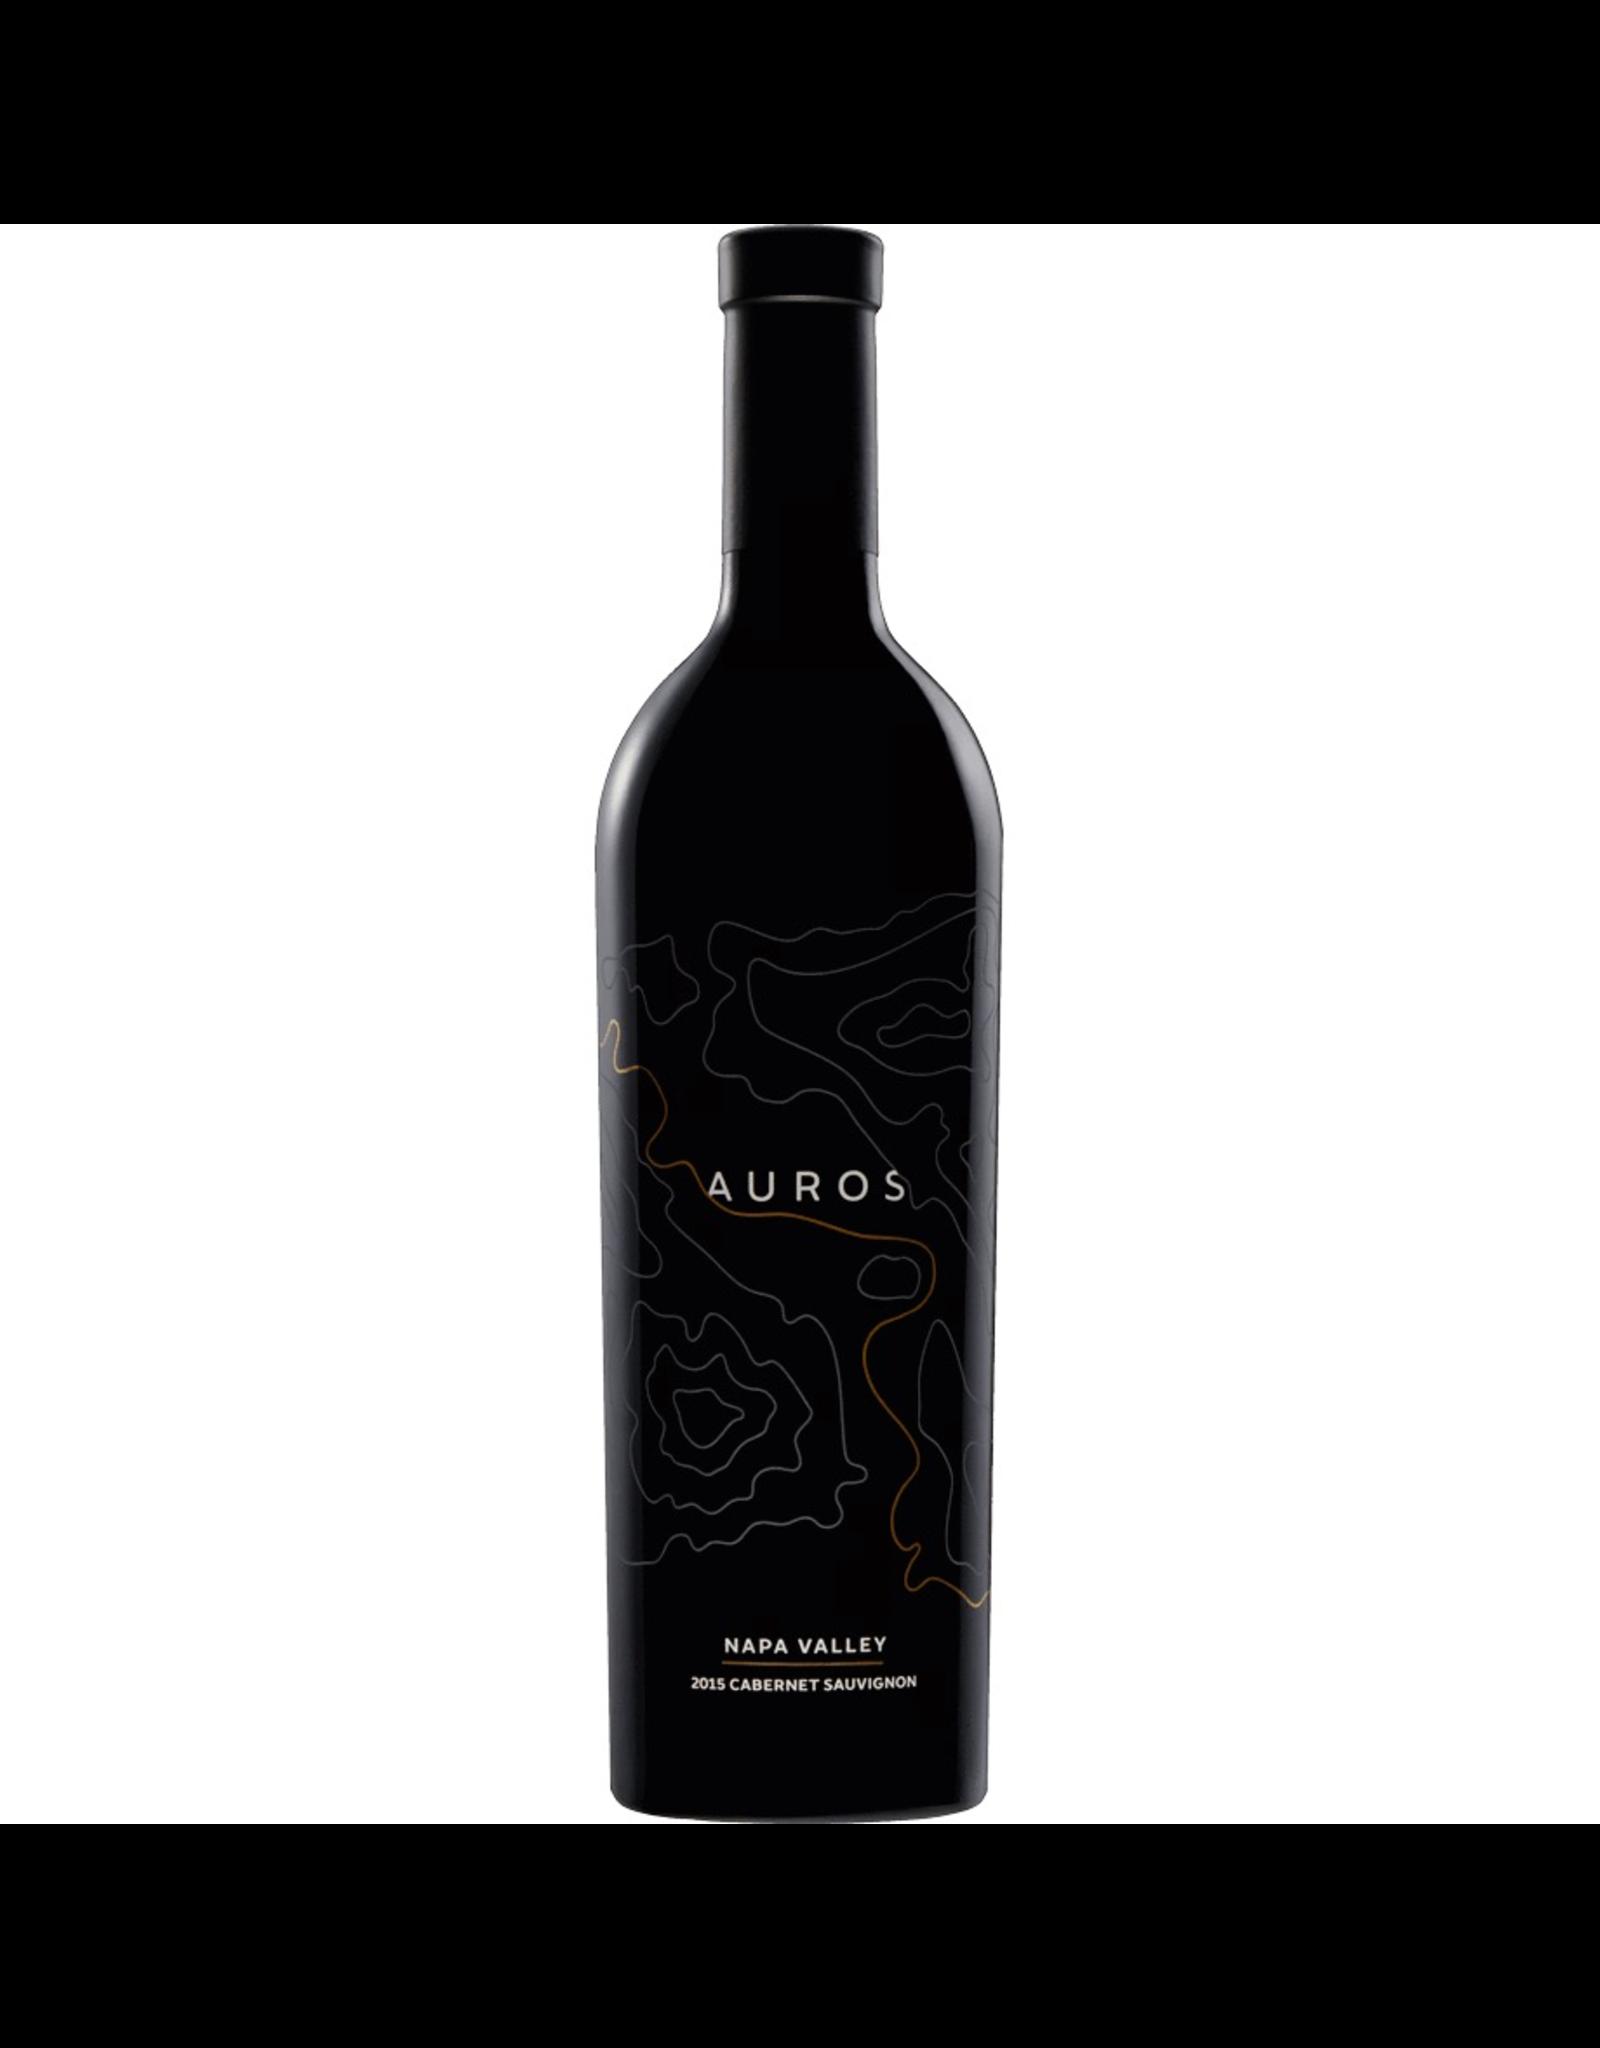 Red Wine 2016, Auros, Cabernet Sauvignon, Multi AVA, Napa Valley, Californiam 15.1% Alc, CT 91